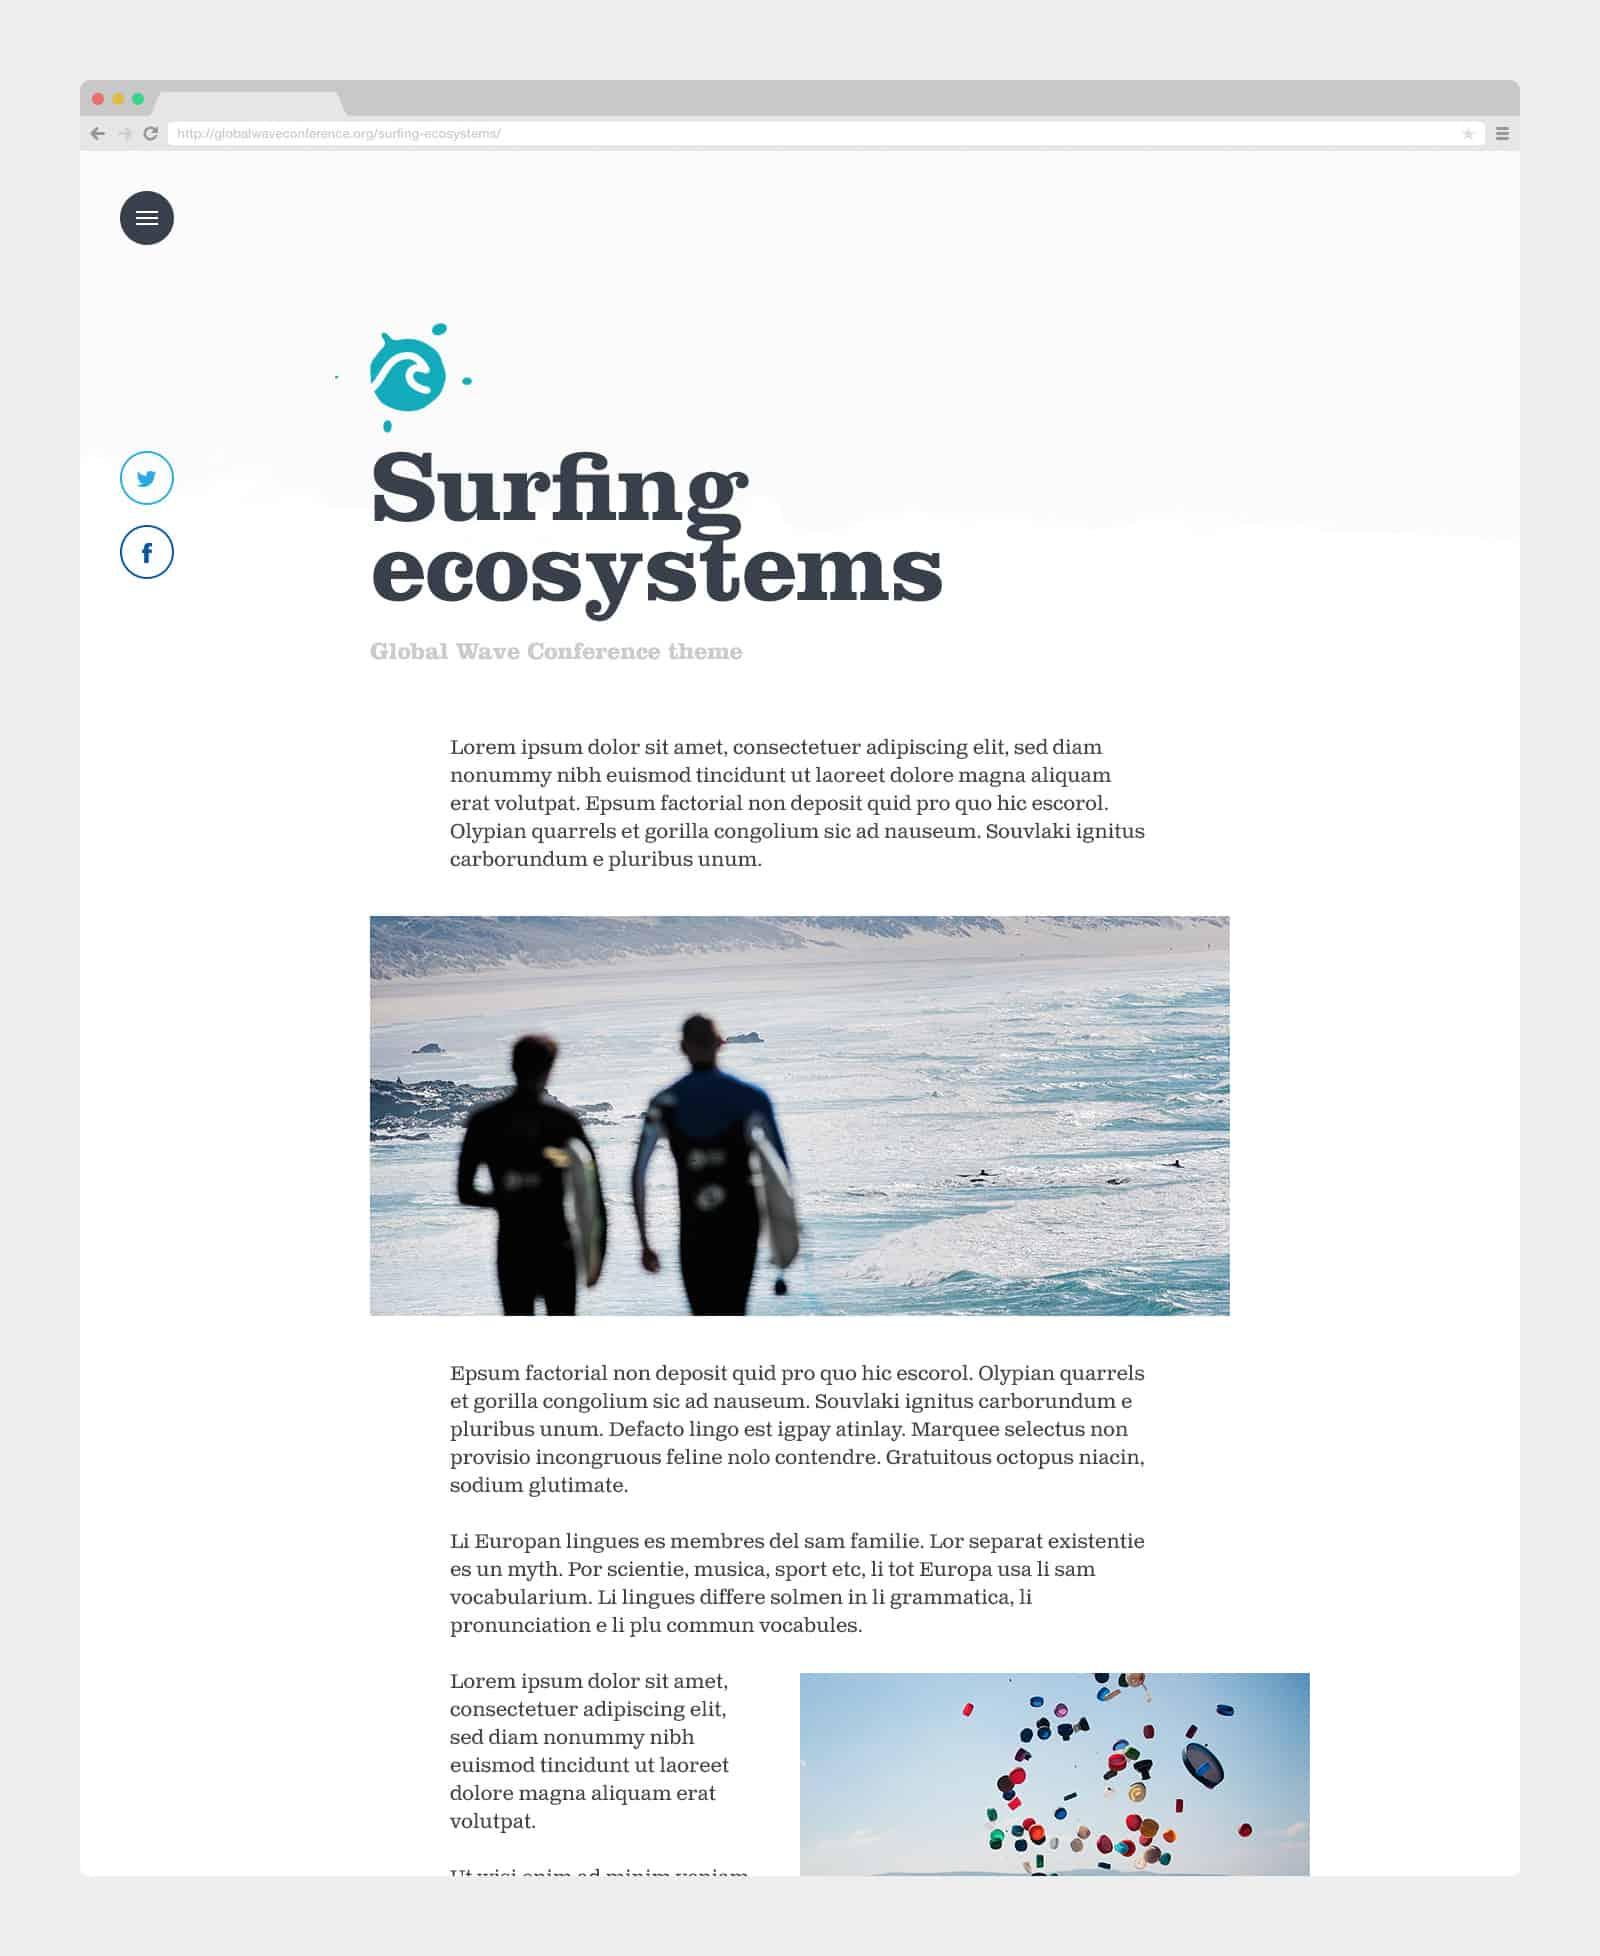 6-theme - design ideas